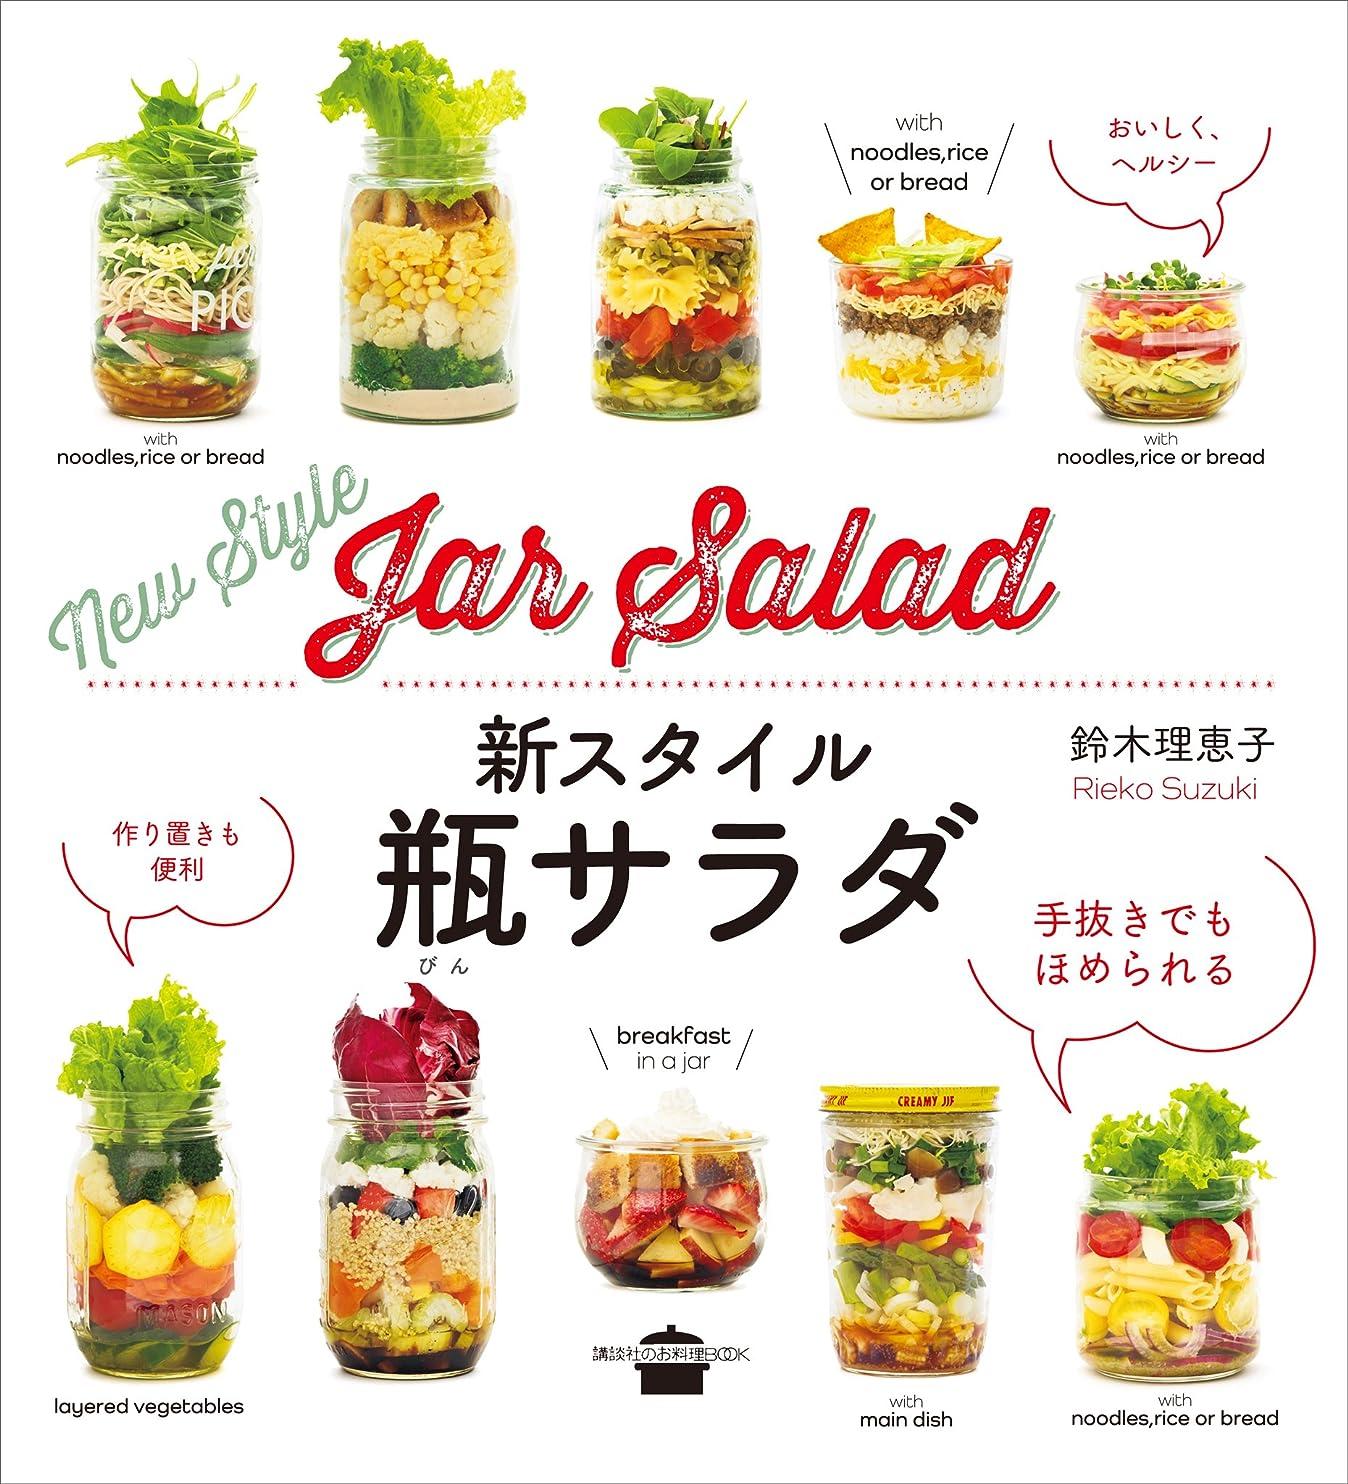 メナジェリー開梱メナジェリー新スタイル瓶サラダ (講談社のお料理BOOK)